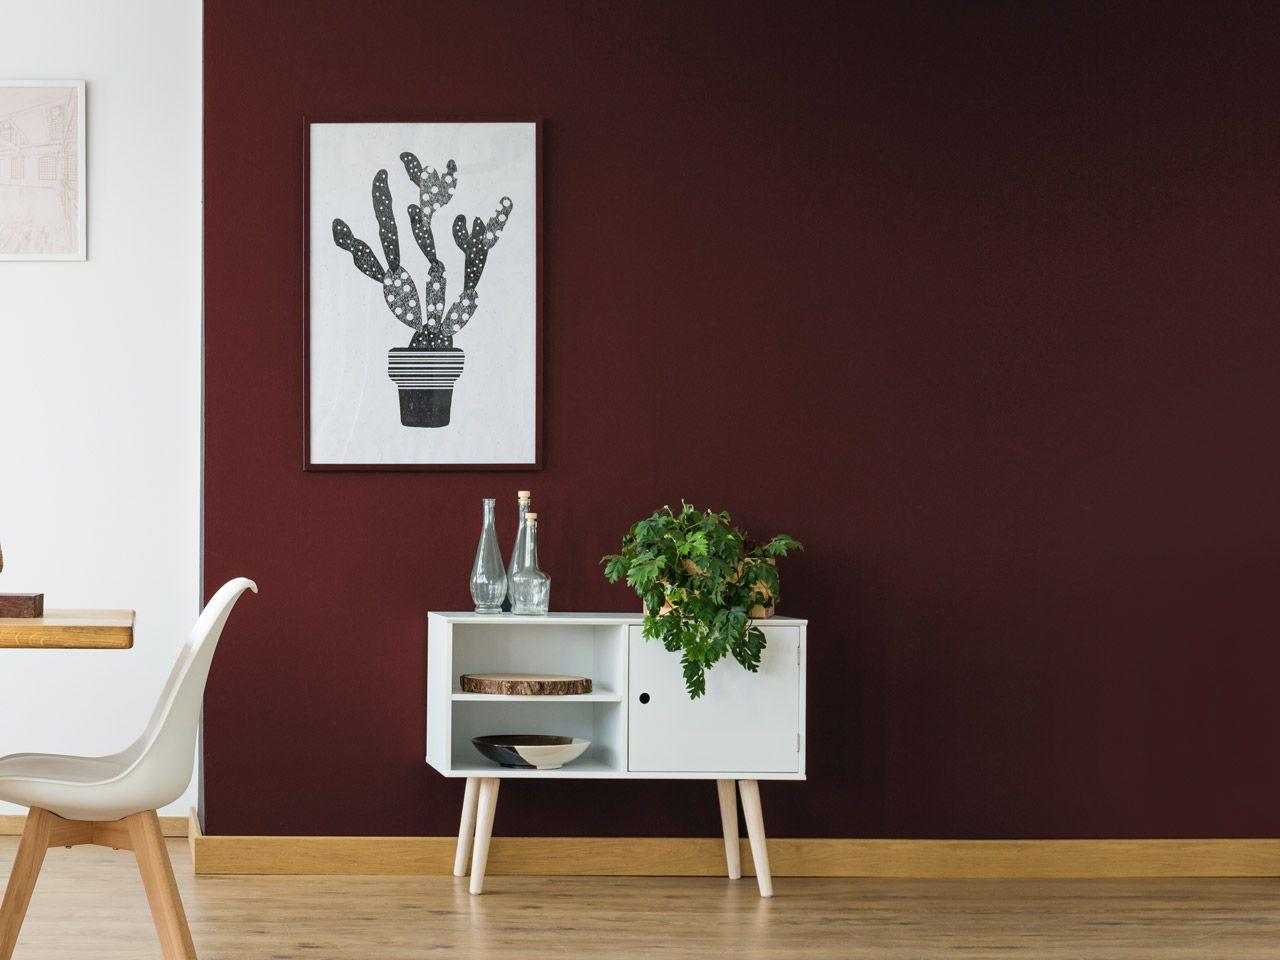 Farbpsychologie Fur Die Wohnung Warme Farben Rot Violett Orange Dekor Haus Deko Wandfarbe